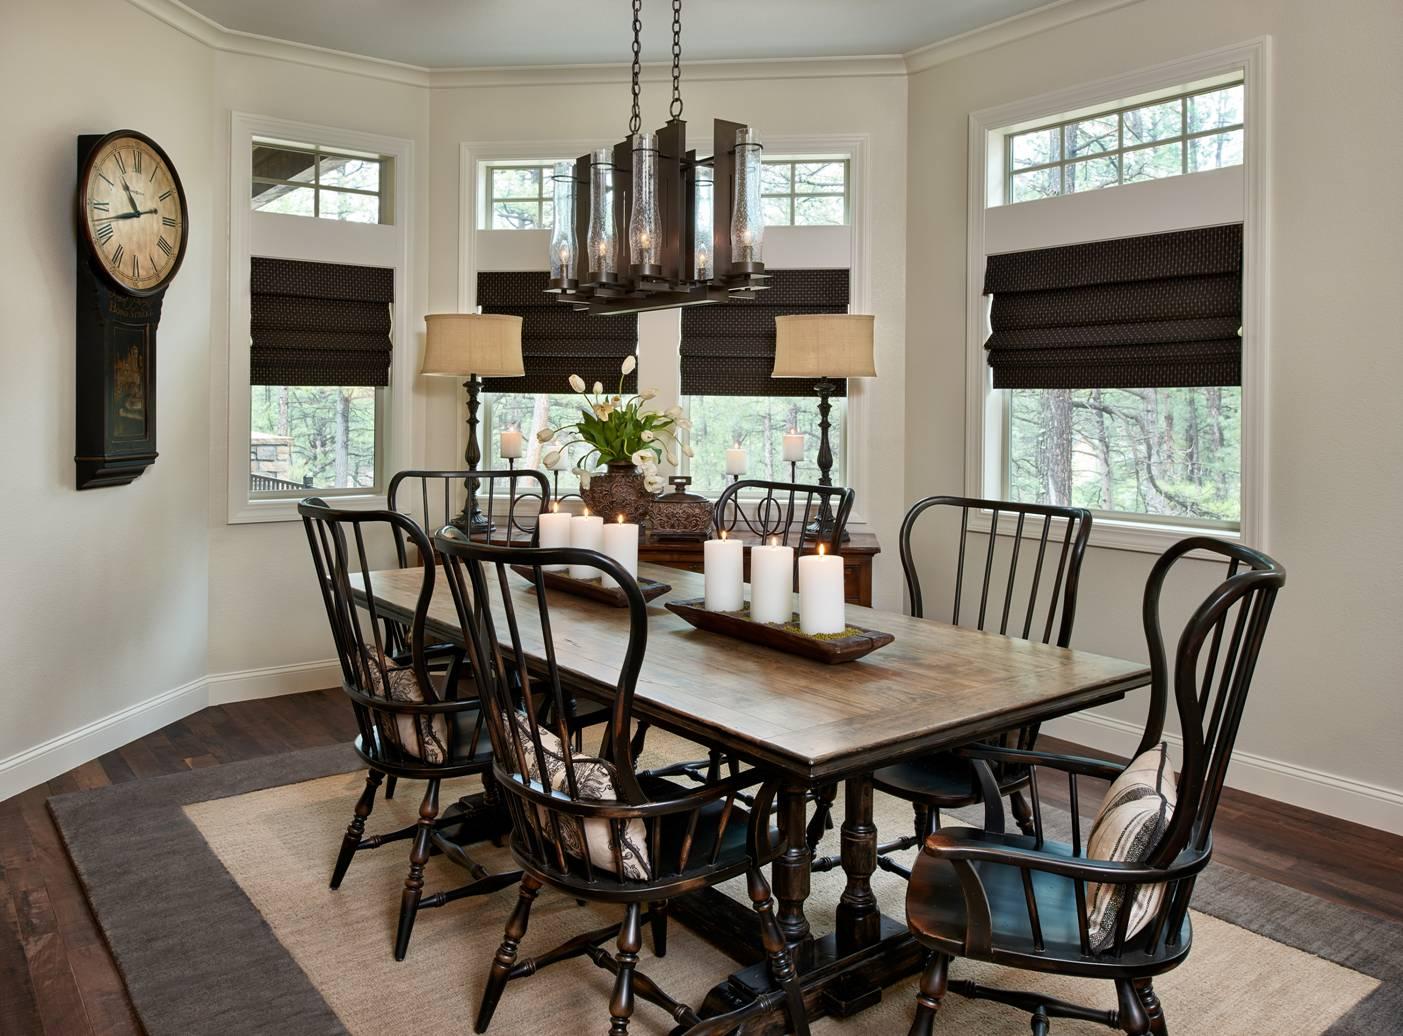 Interior designer centennial co home decor near me - Home interior designers near me ...